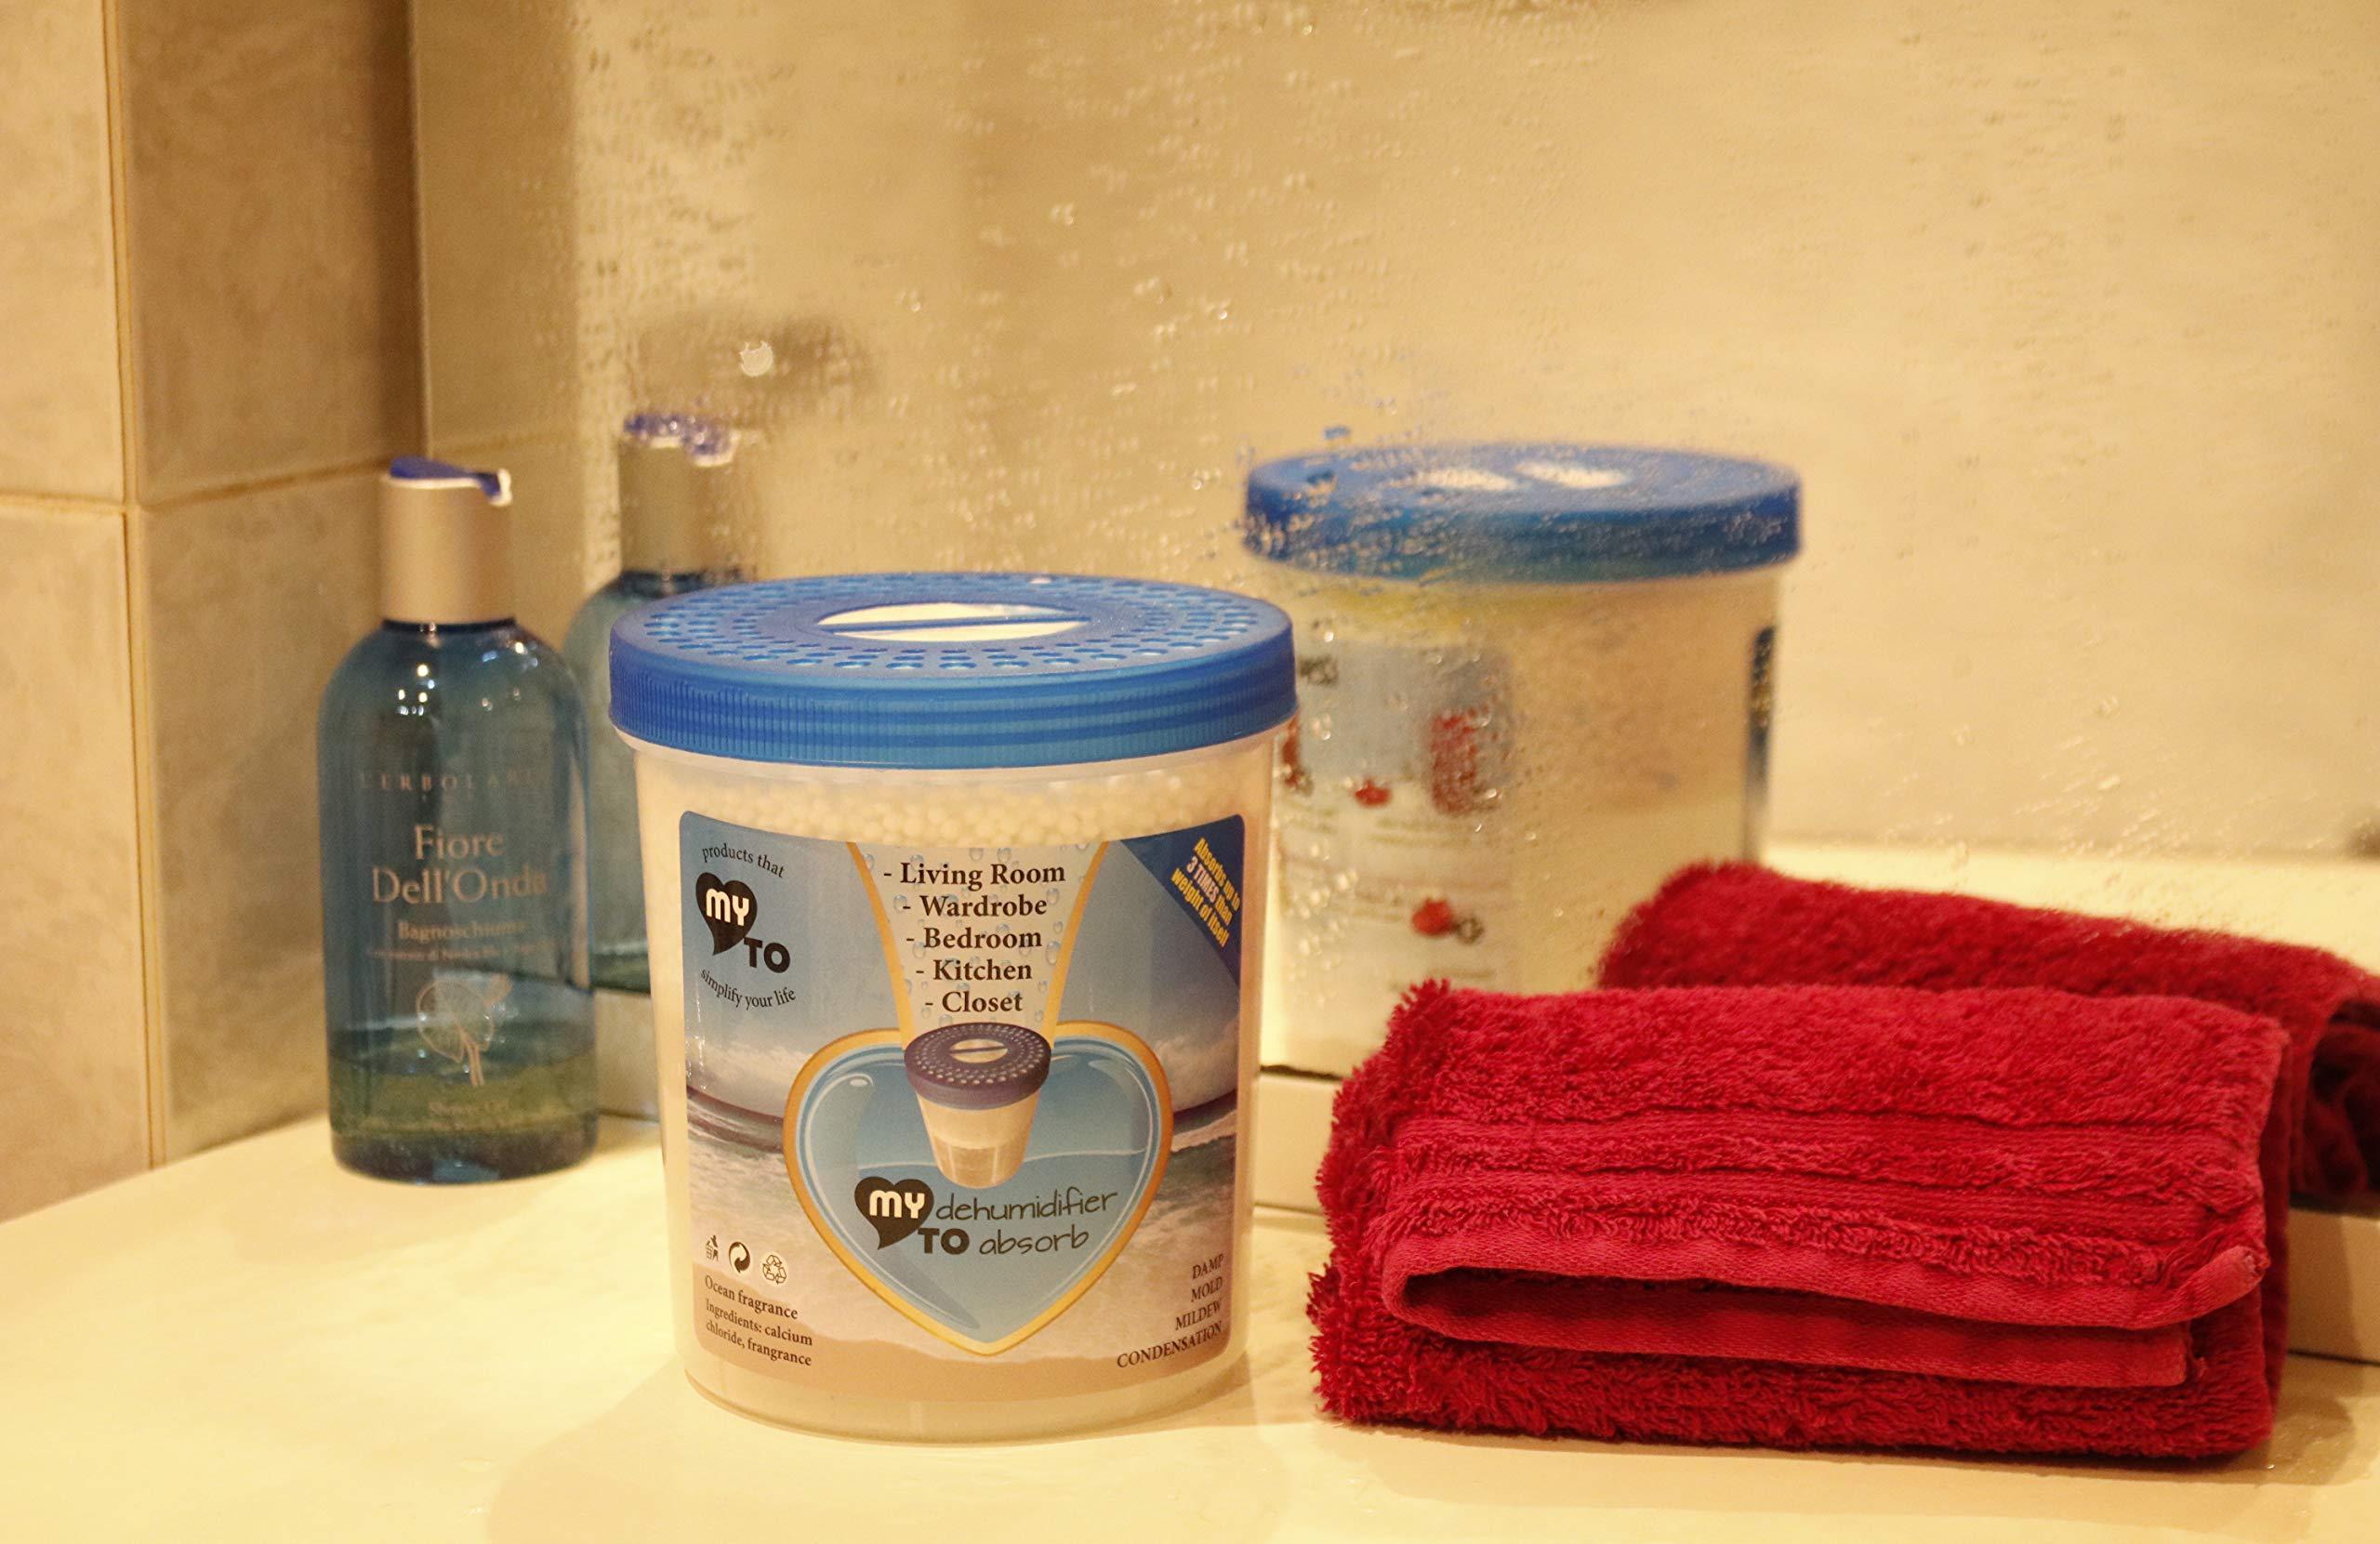 Deumidificatore per ambiente con sali profumati, antimuffa assorbi umidità ricaricabile MY DEHUMIDIFIER TO ABSORB per casa, bagno, armadio, barca, purificatore d\'aria, assorbe i cattivi odori